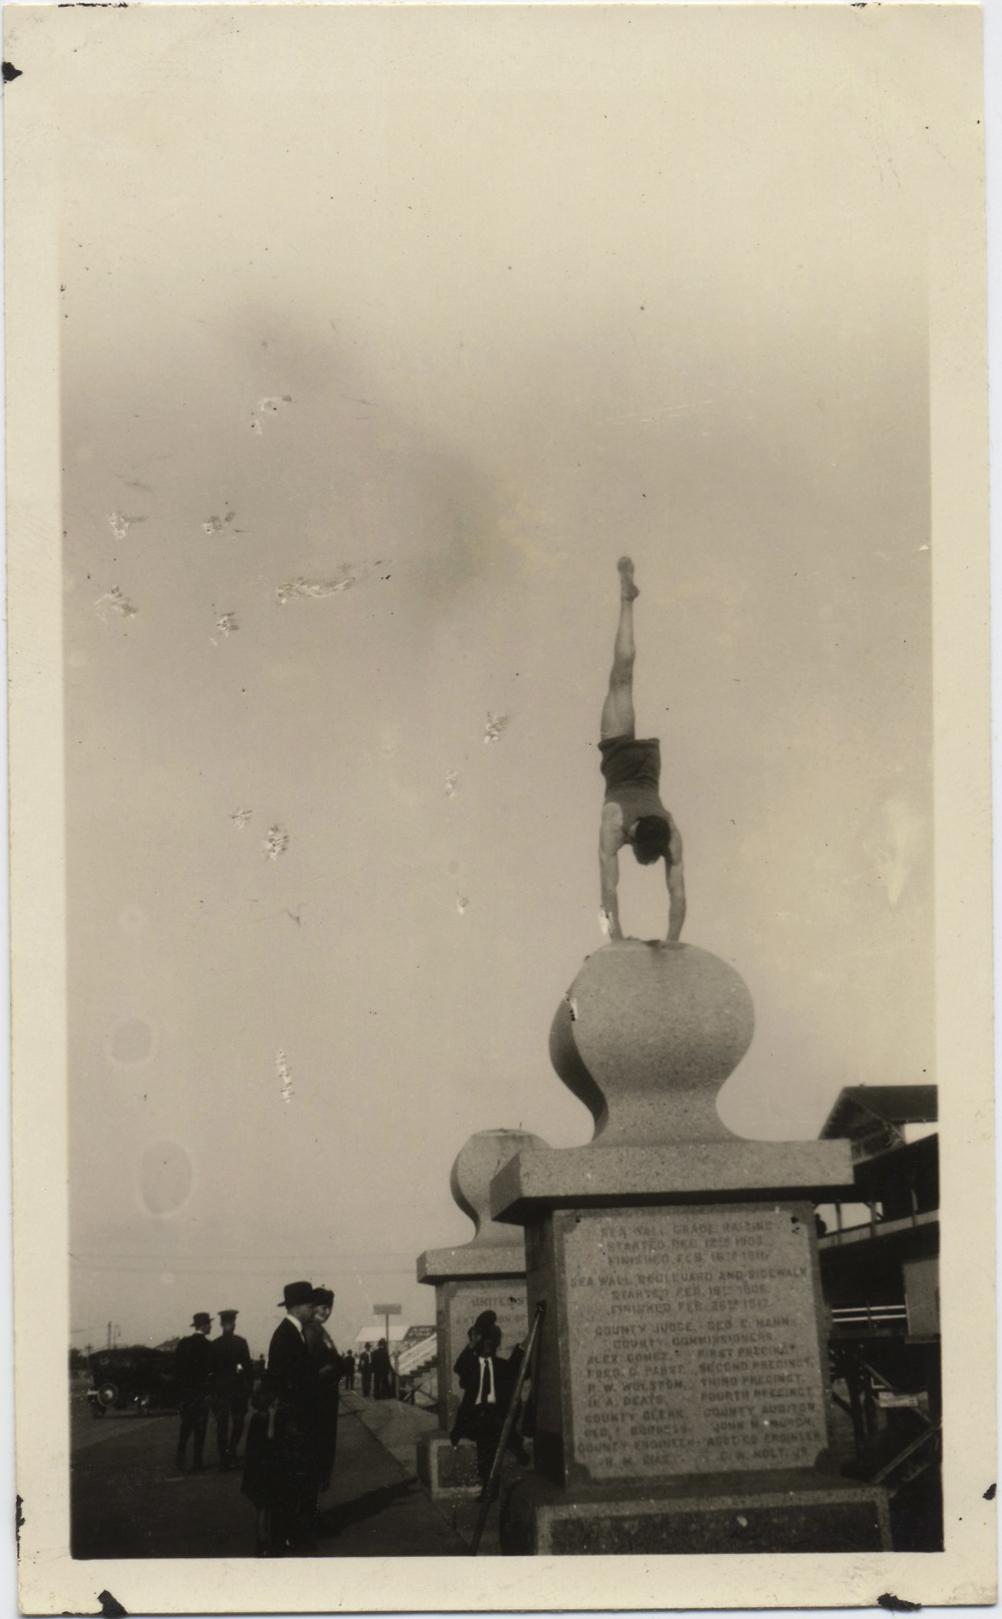 fp4000(OneLeggedGymnast_Handstand)